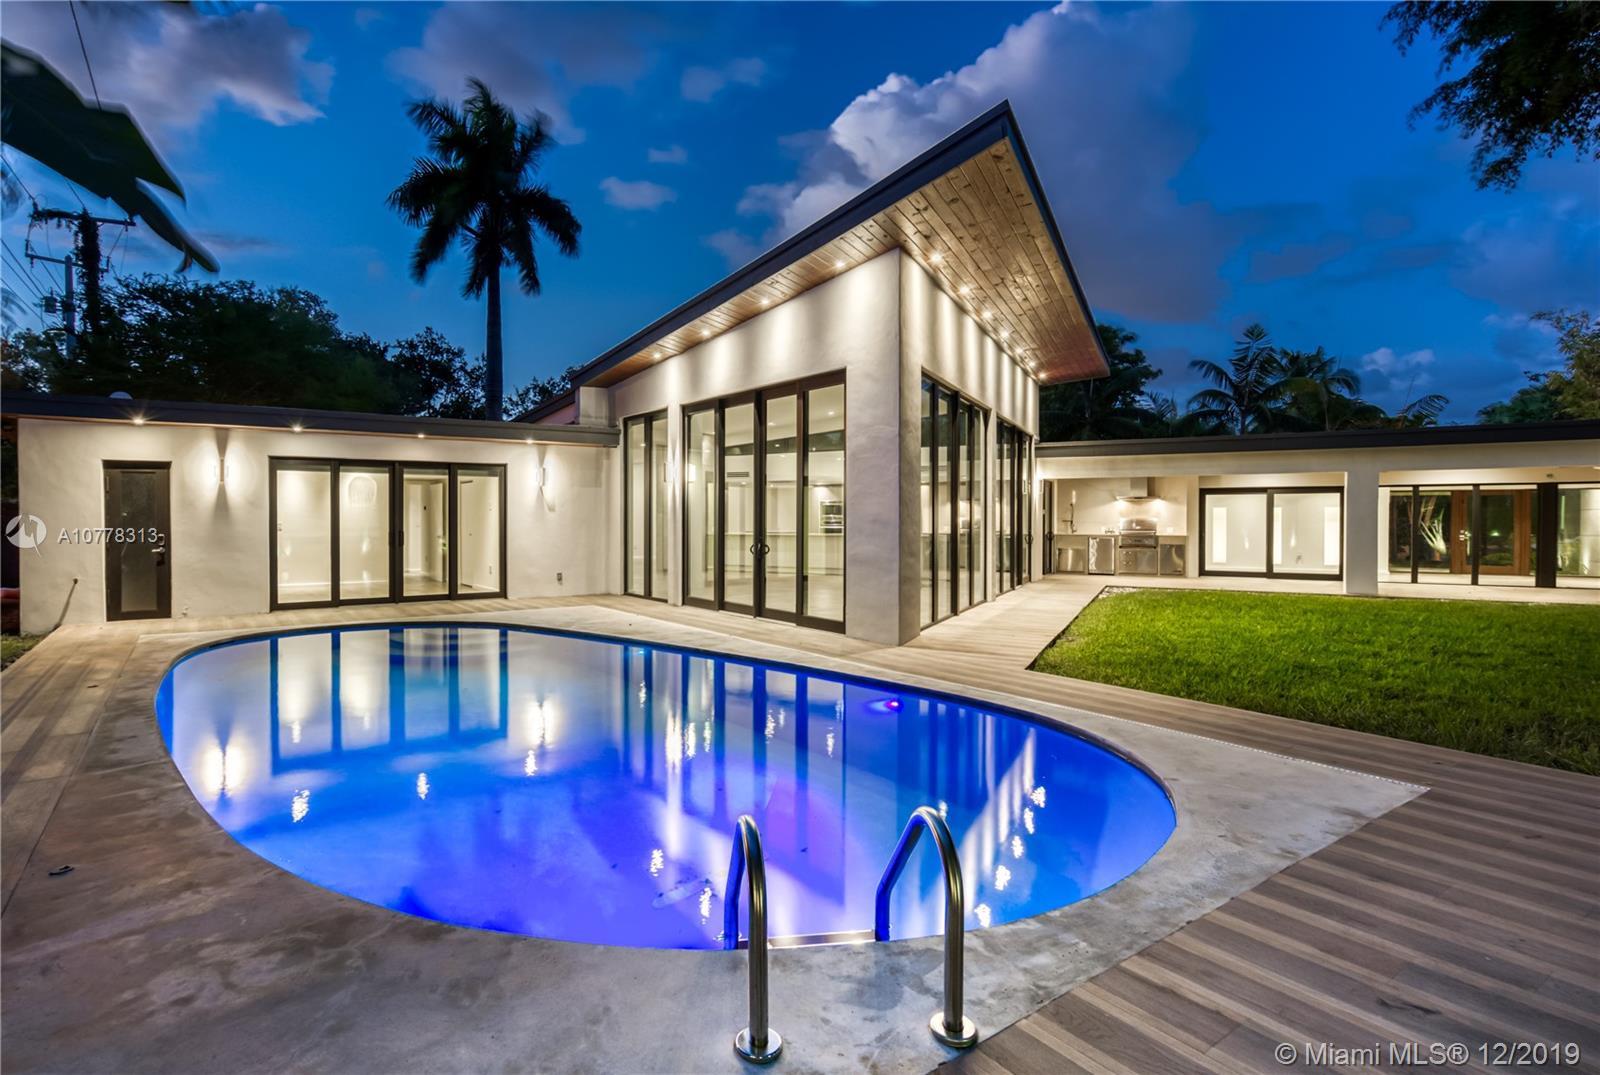 161 SHORE DRIVE SOUTH, Miami, FL 33133